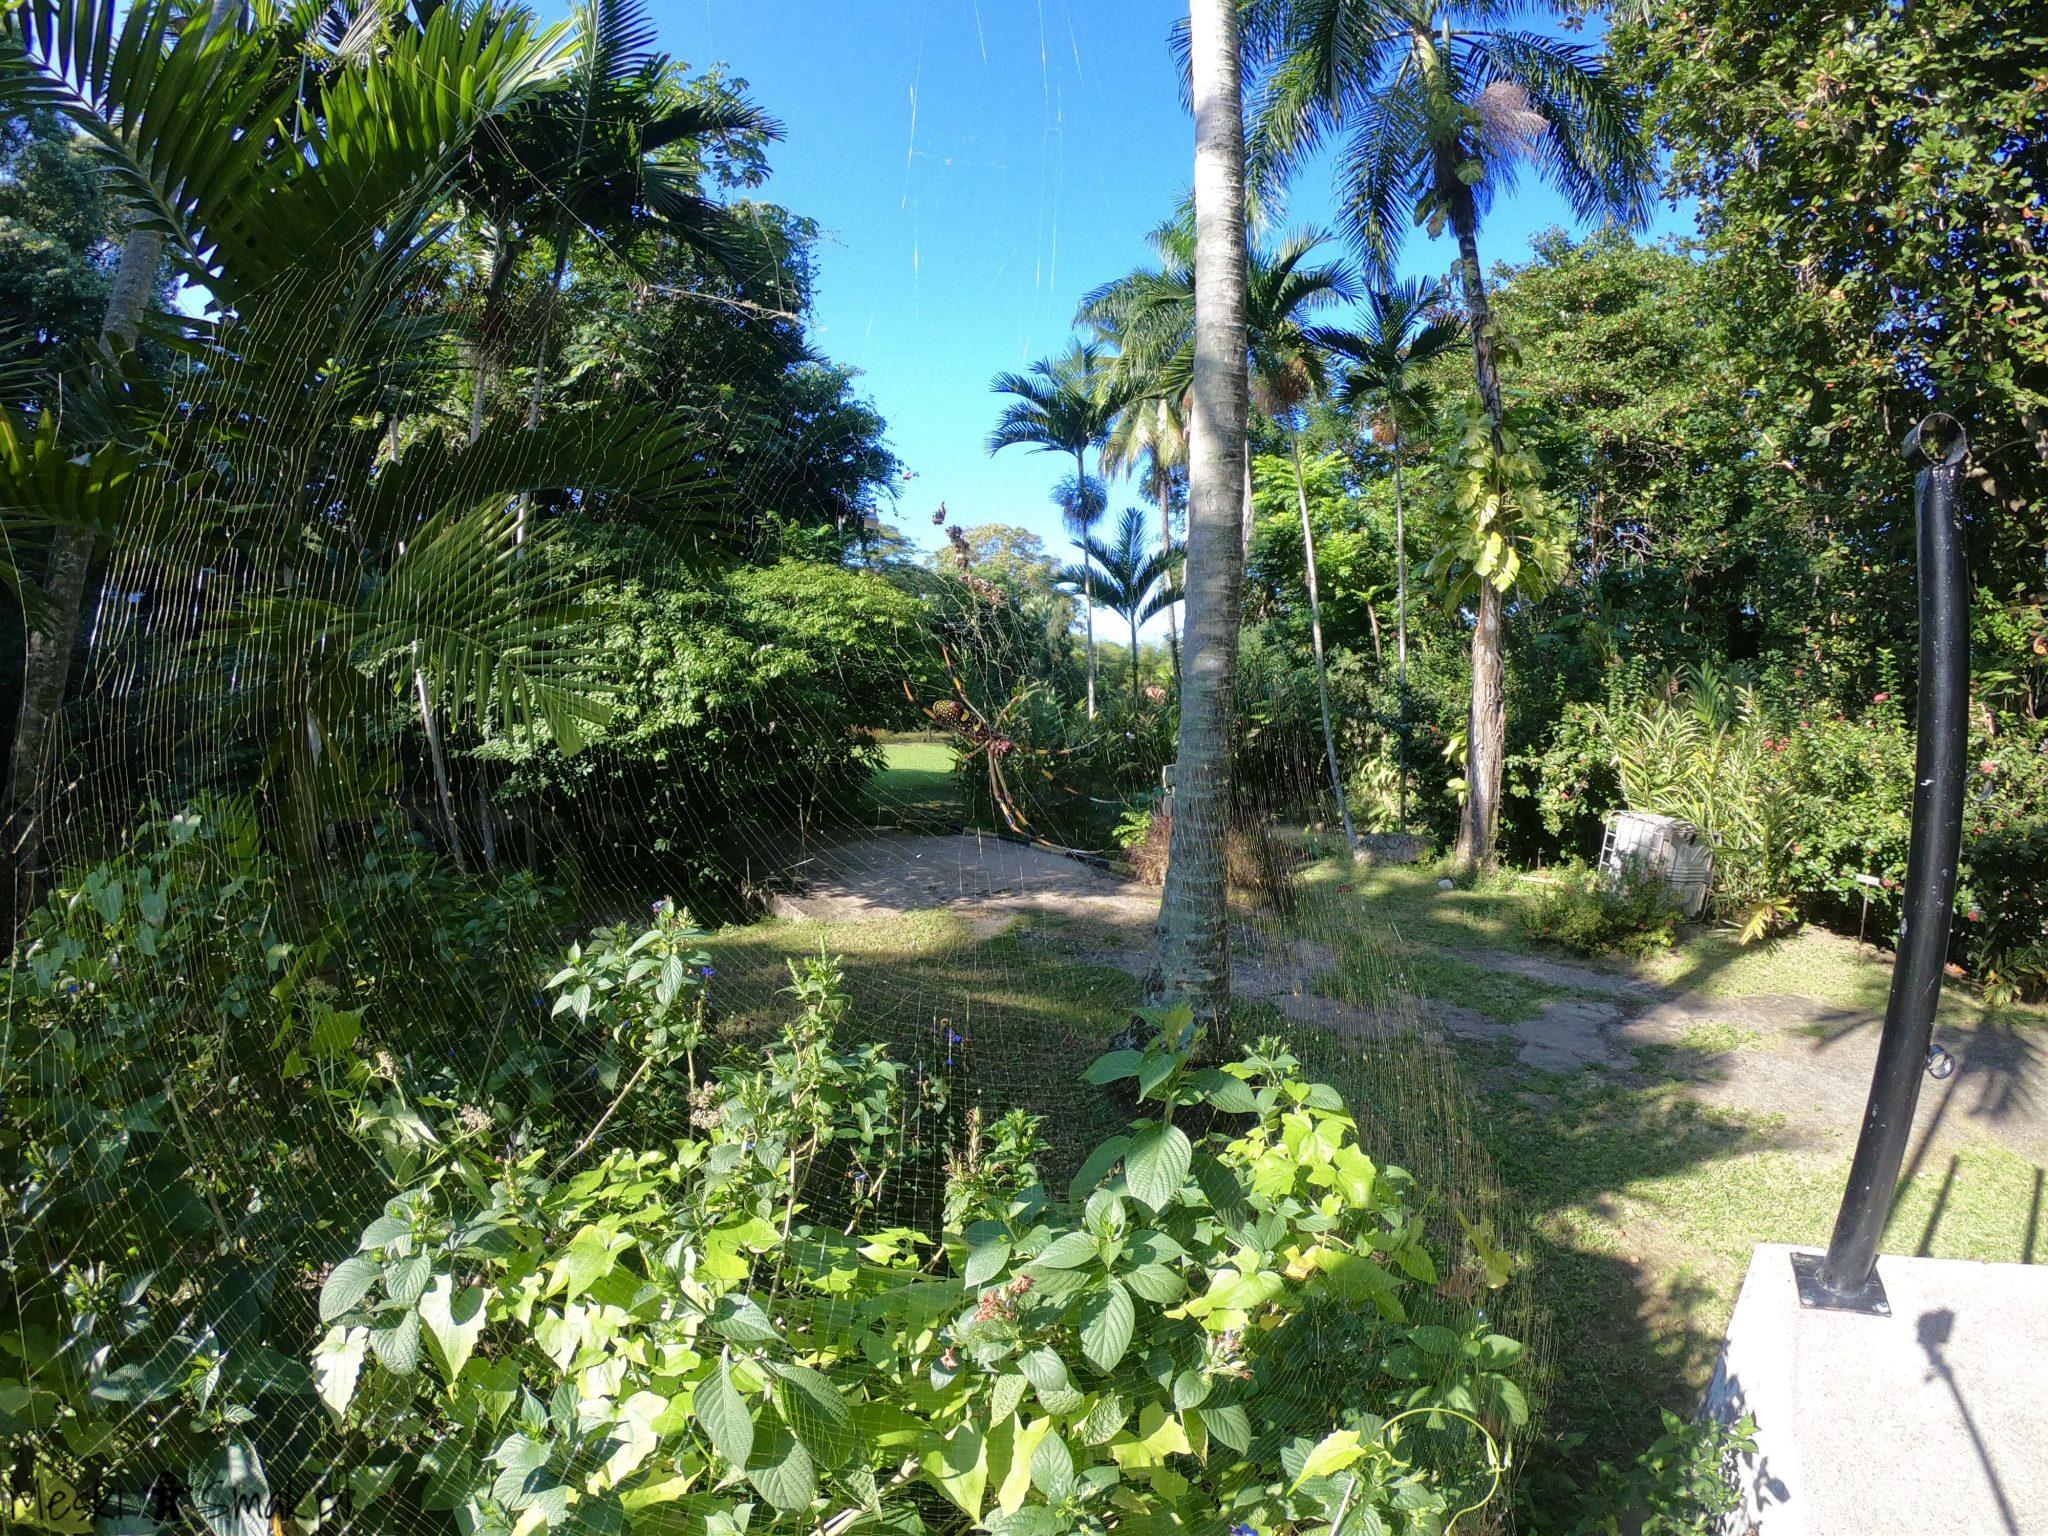 Wakacje i wycieczki Jamajka_The Turtle River Falls & Gardens 22